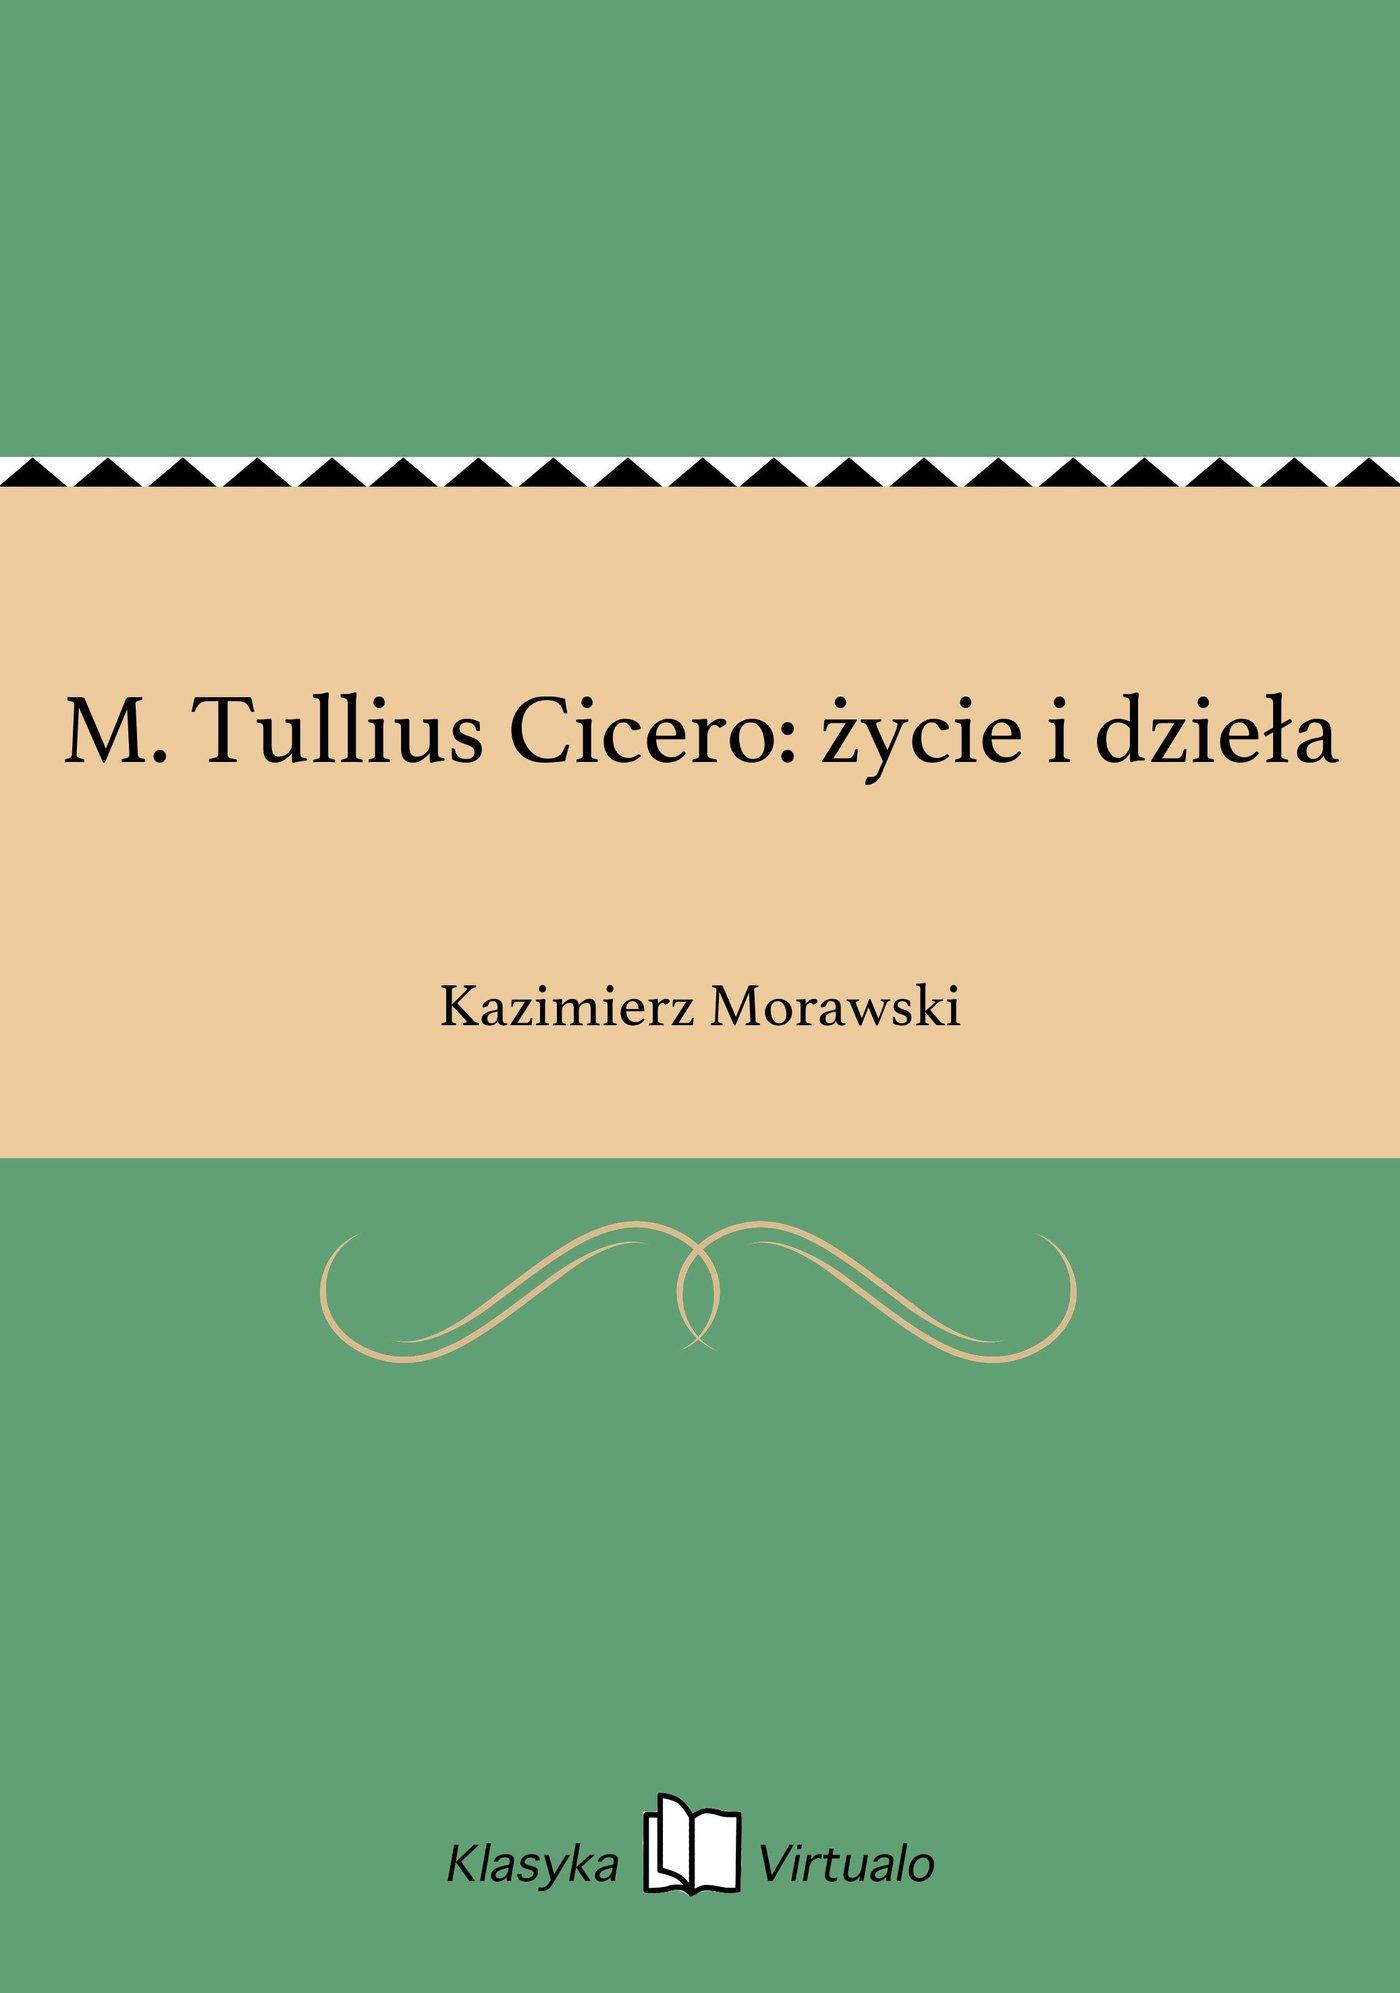 M. Tullius Cicero: życie i dzieła - Ebook (Książka EPUB) do pobrania w formacie EPUB